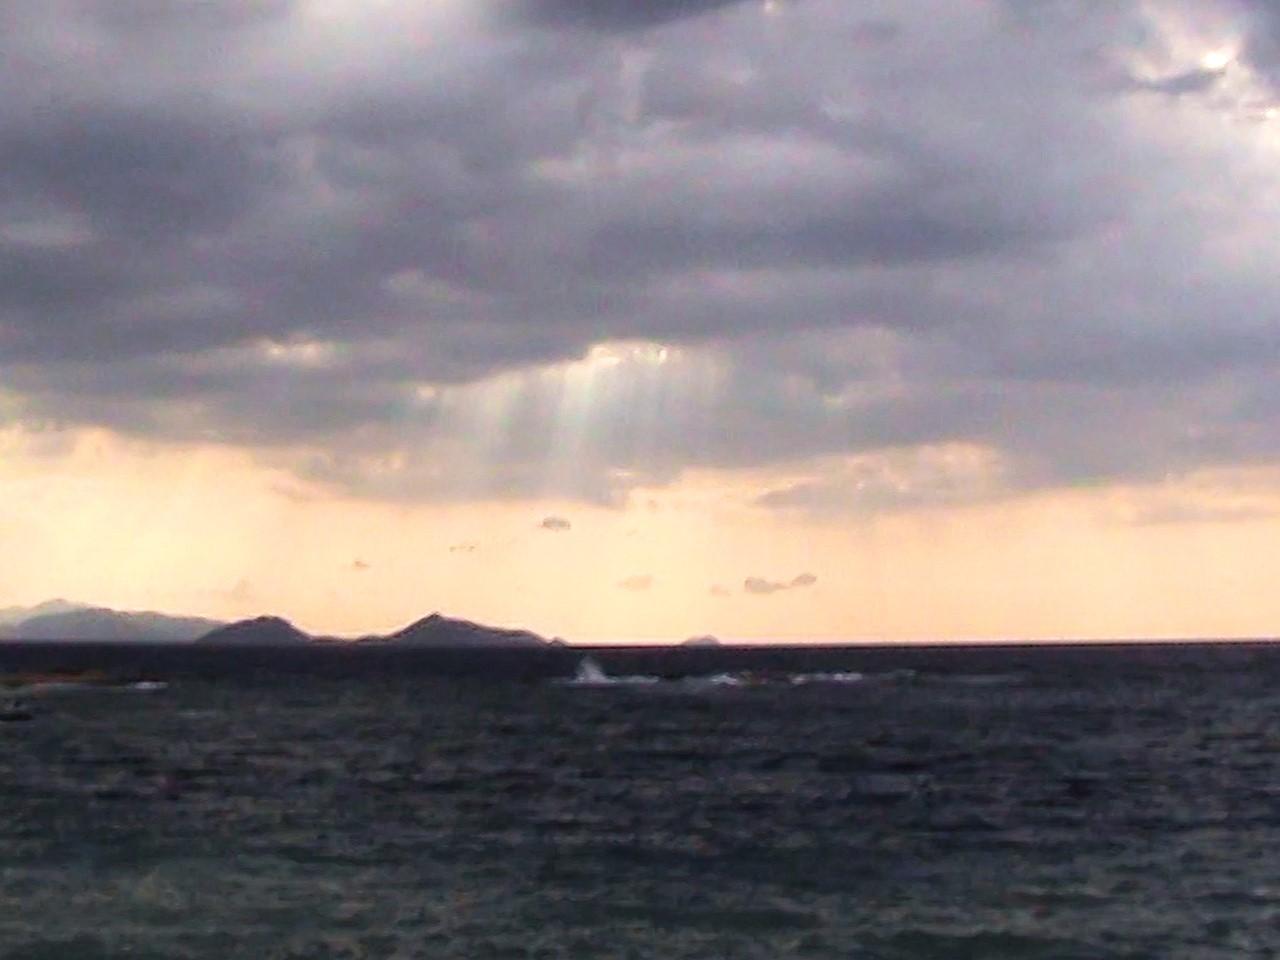 """Το 4ο διαδικτυακό φεστιβάλ της ΕΛΣ """"Μεσόγειος έρημος"""" έρχεται στην GNO TV από τις 12 έως τις 26 Απριλίου"""